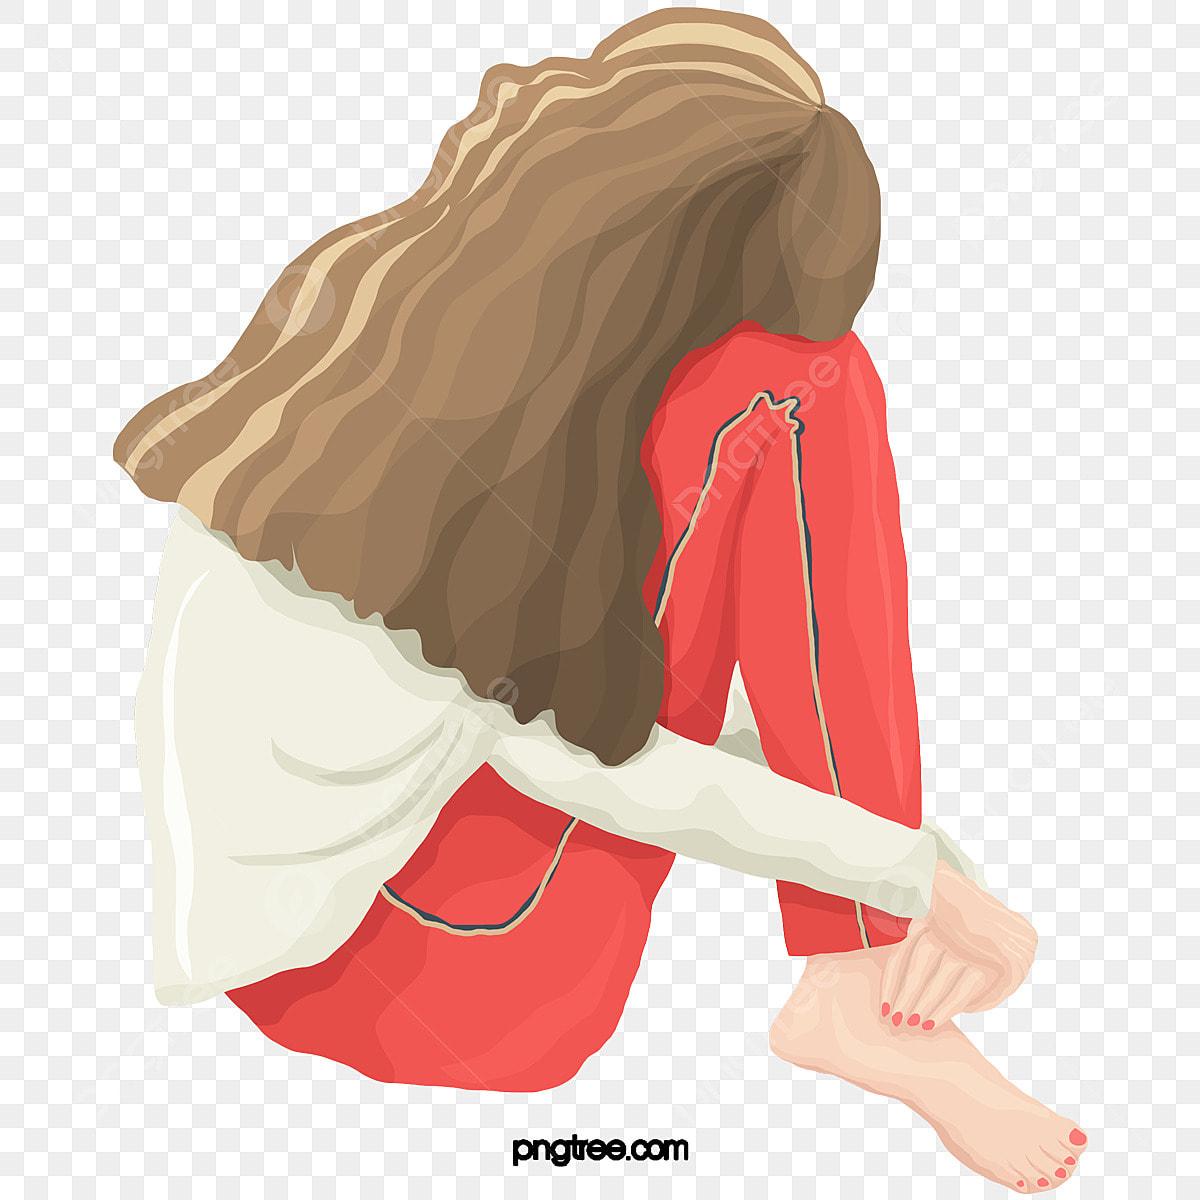 Gambar Kartun Wanita Rambut Panjang Gambar Kartun Gadis Berambut Panjang Memegang Lutut Gadis Rambut Panjang Memegang Lutut Png Dan Psd Untuk Muat Turun Percuma